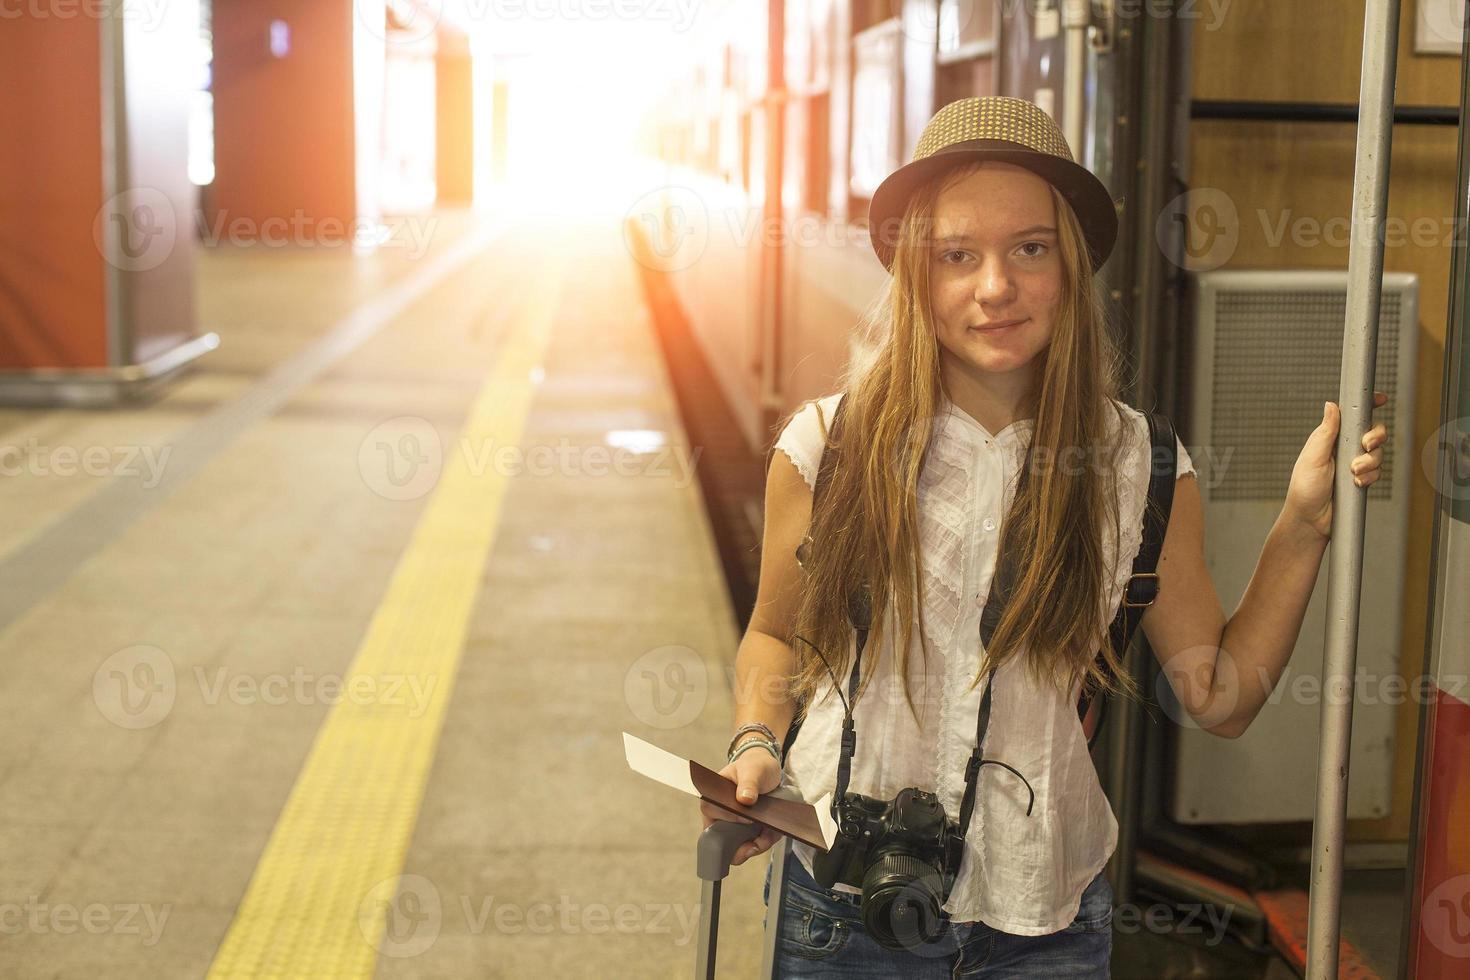 ganska ung flicka som går ombord på ett tåg på en järnvägsstation. foto